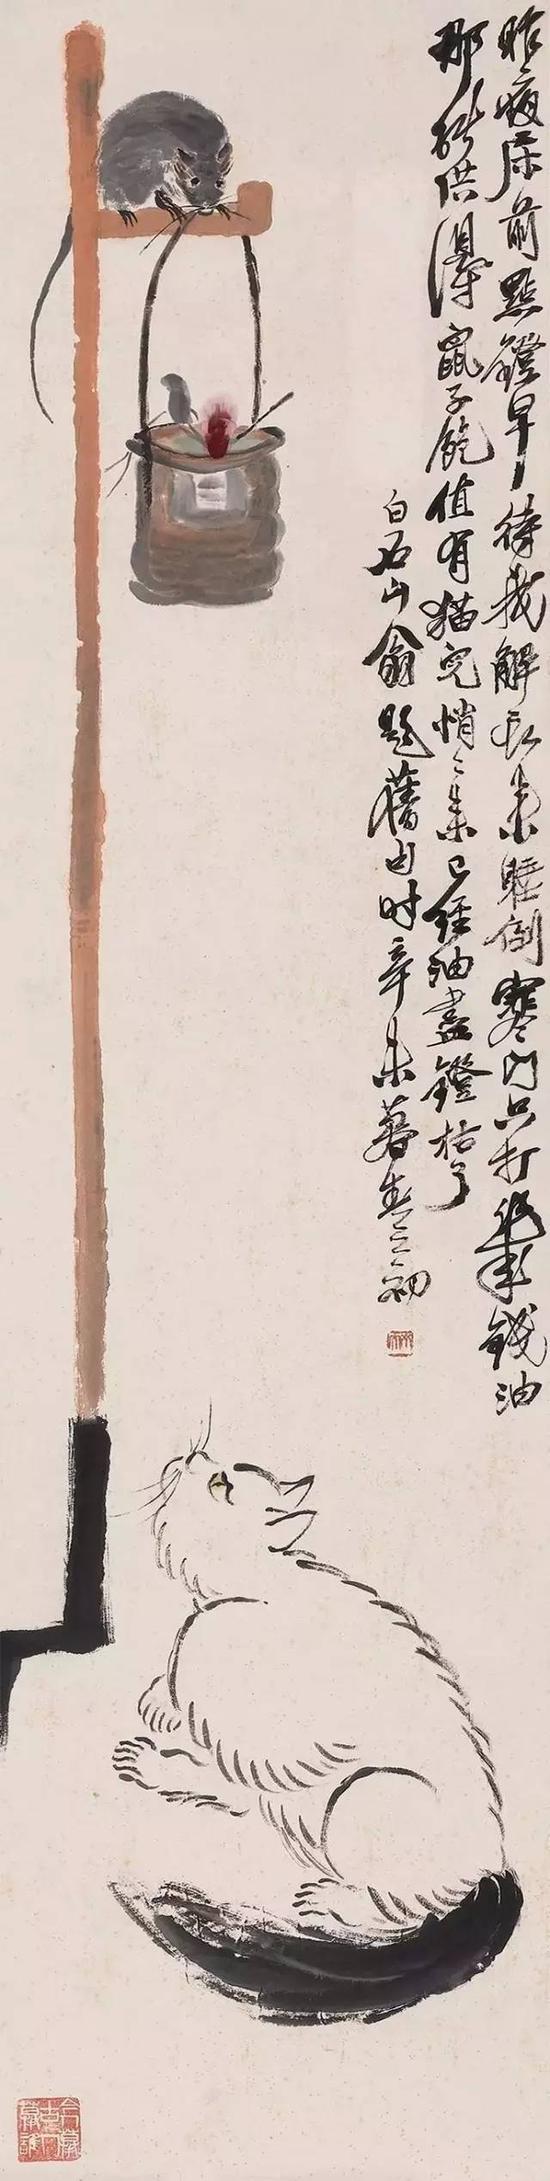 辛未(1931年)作 灯鼠戏猫 立轴 设色纸本